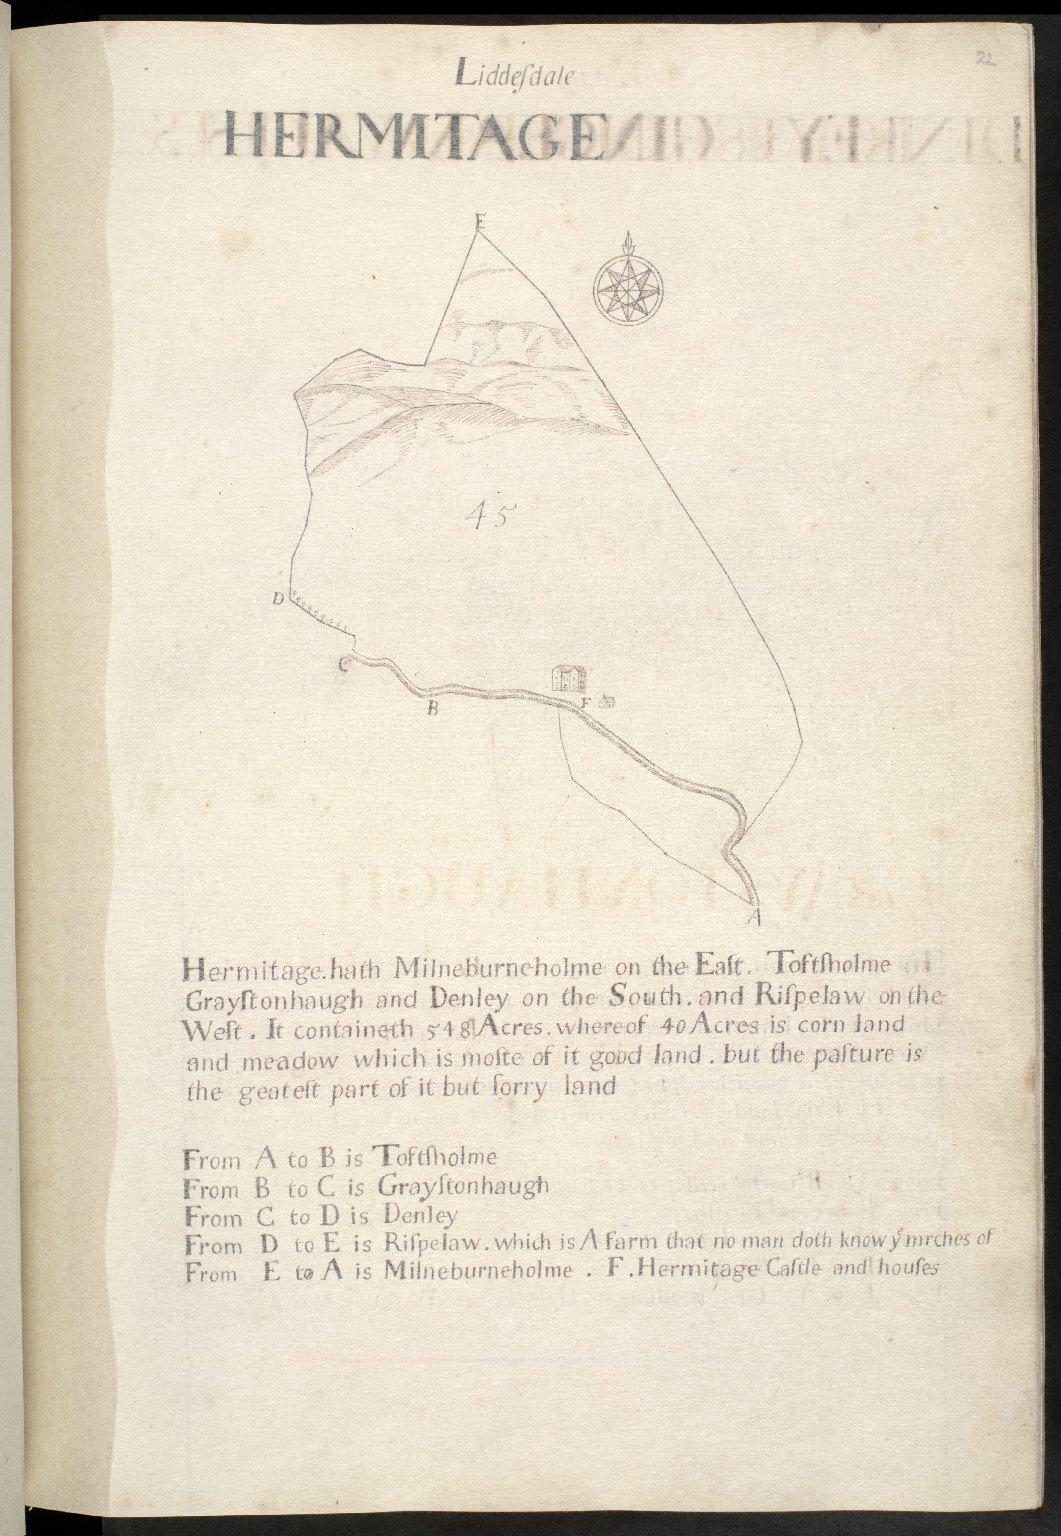 Liddesdale : Hermitage [1 of 1]